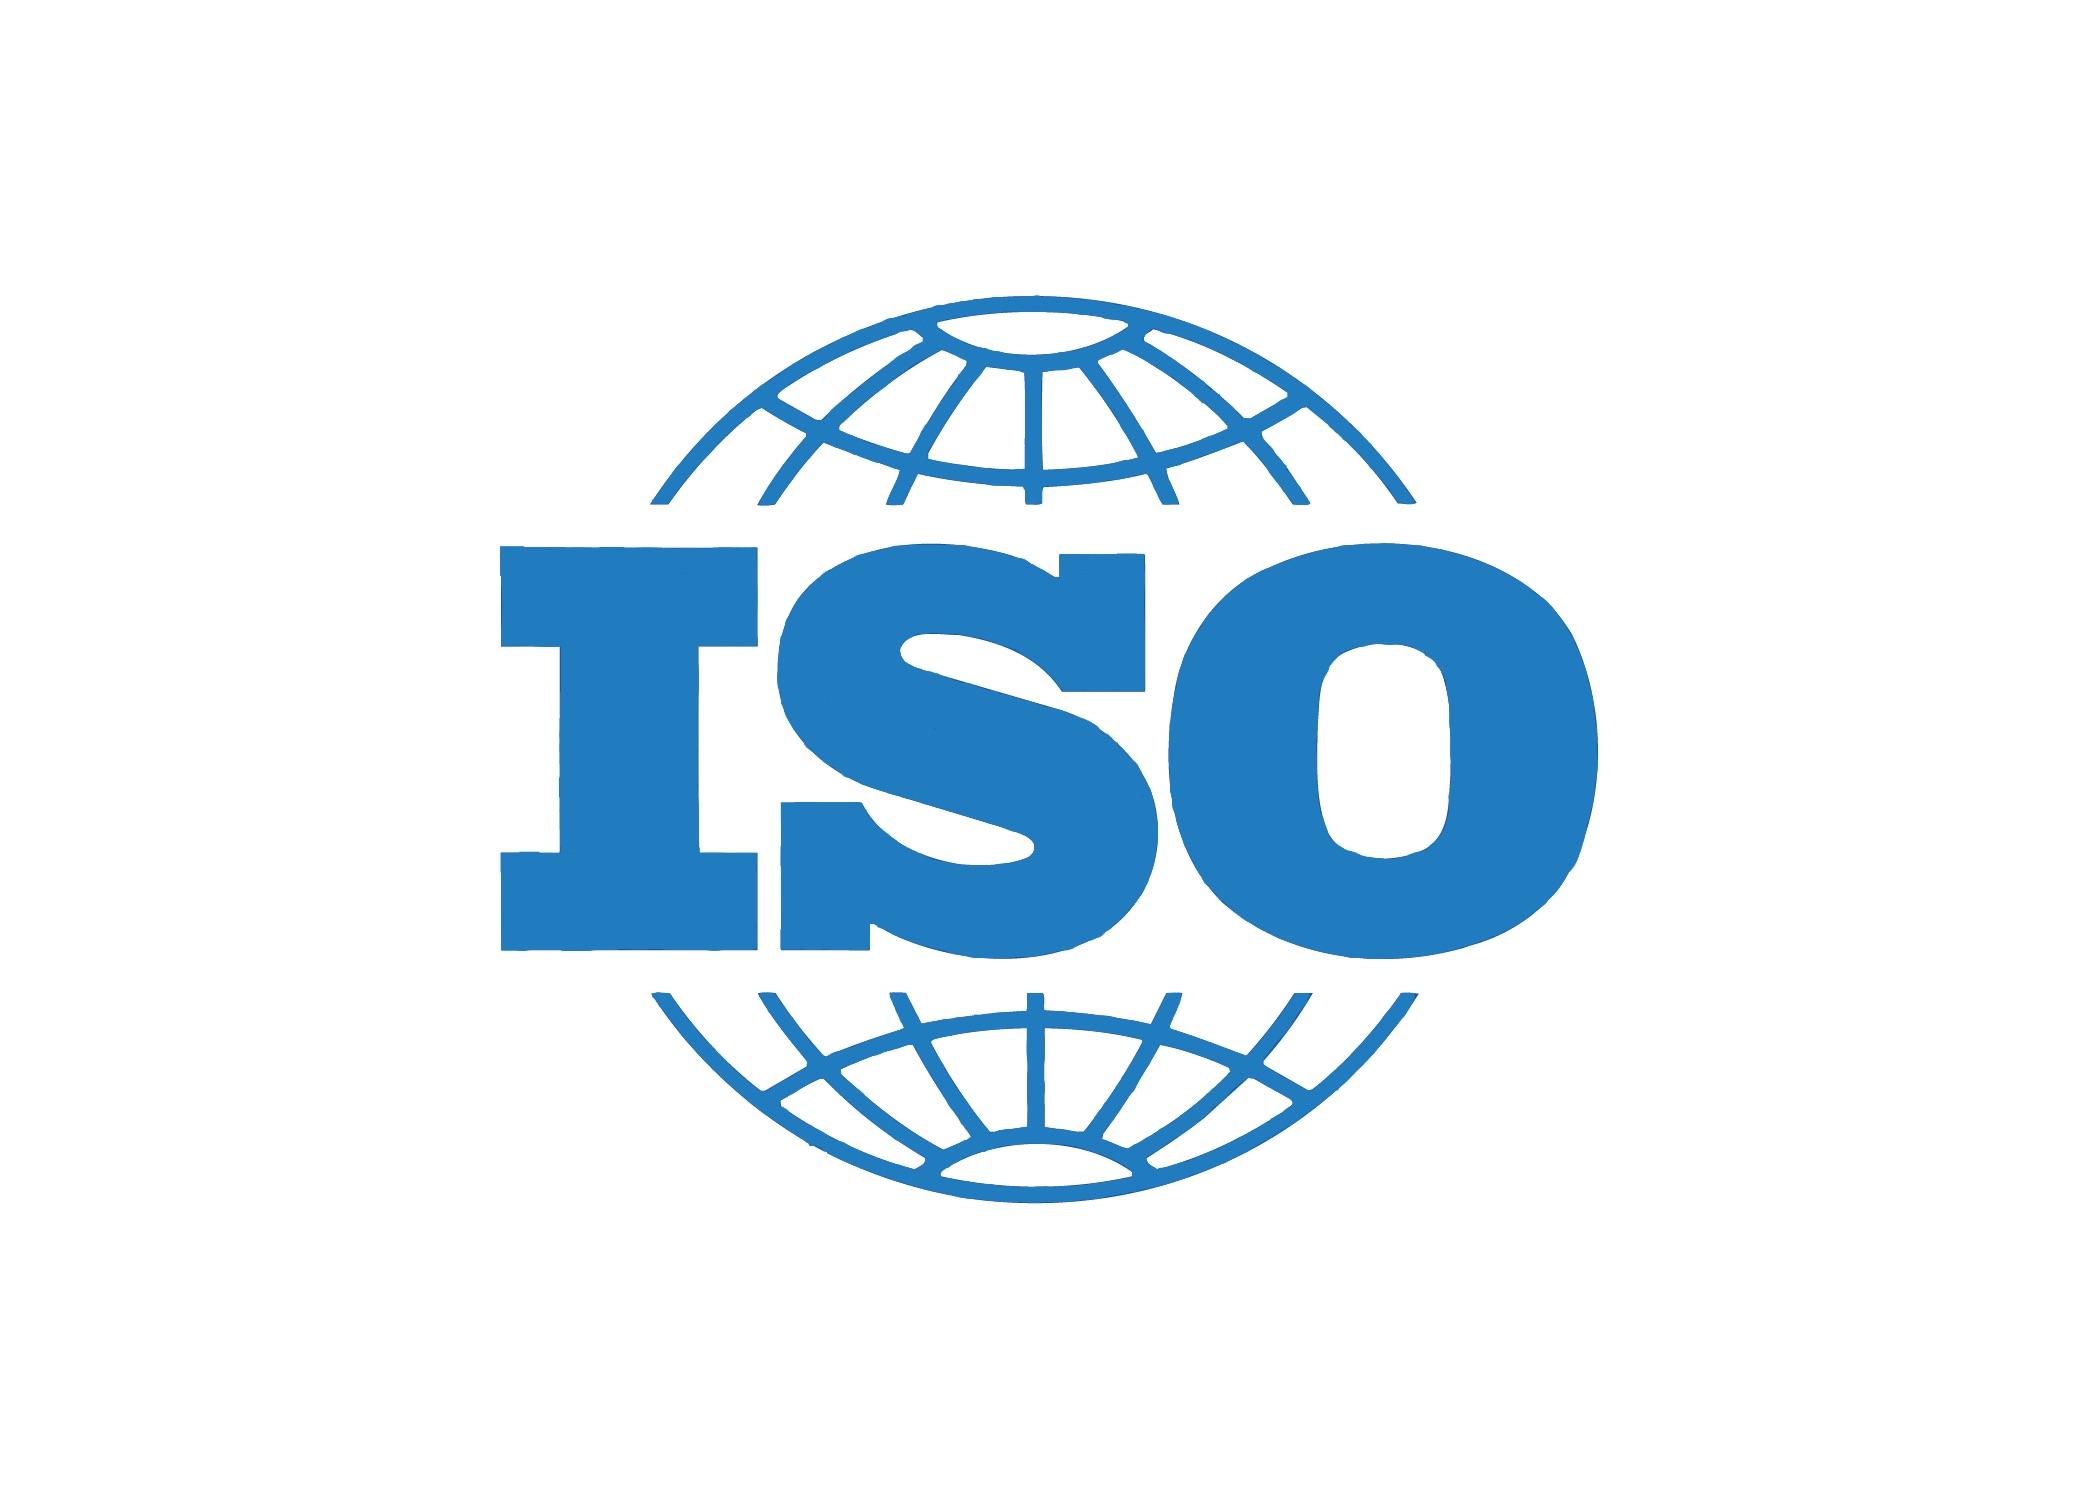 Компания ЮТЕКС успешно прошла аудит системы менеджмента качества ISO 9001:2015 и ISO 14001:2015.